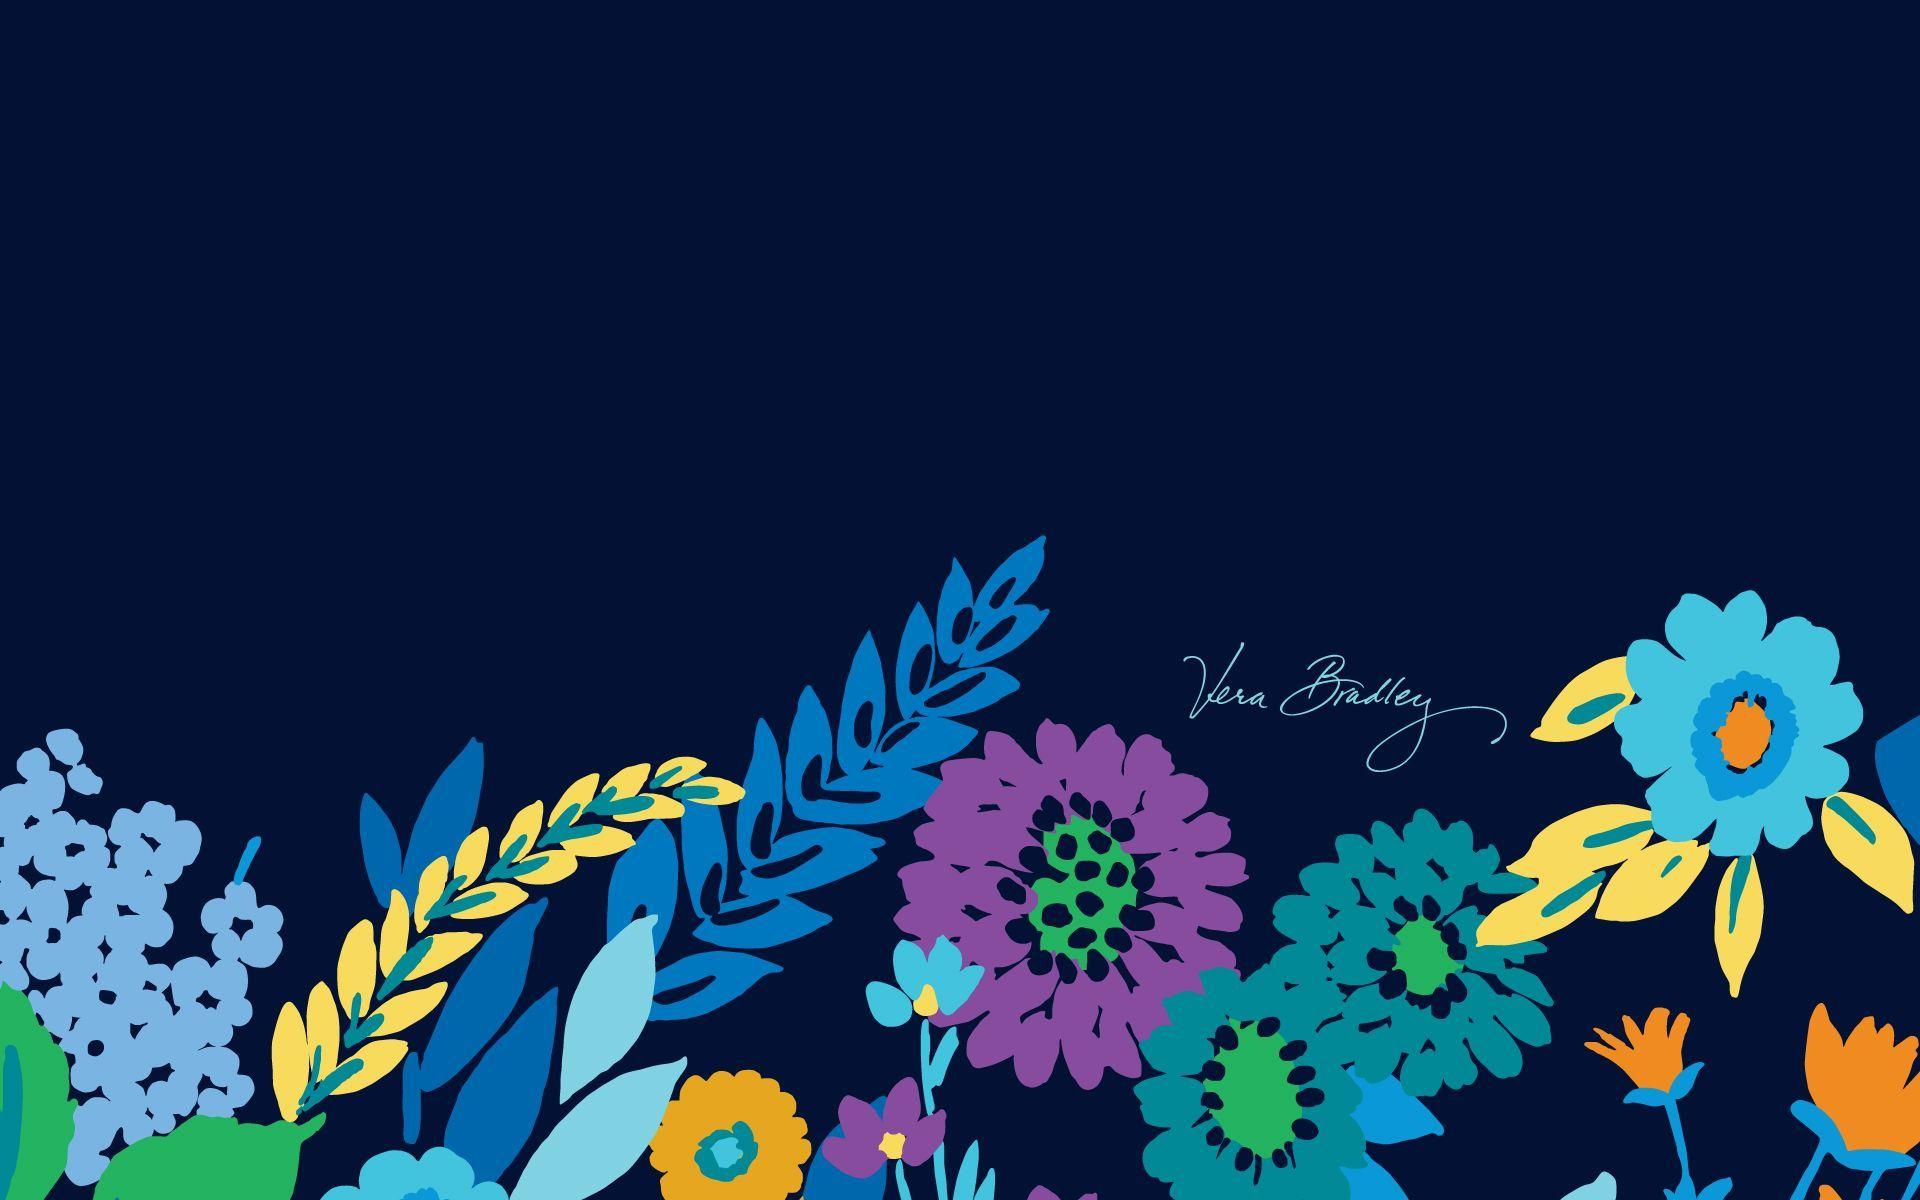 Vera Bradley Desktop Wallpaper Midnight Blues Spring 2013 Vera Bradley Wallpaper Spring Wallpaper Phone Wallpaper Design